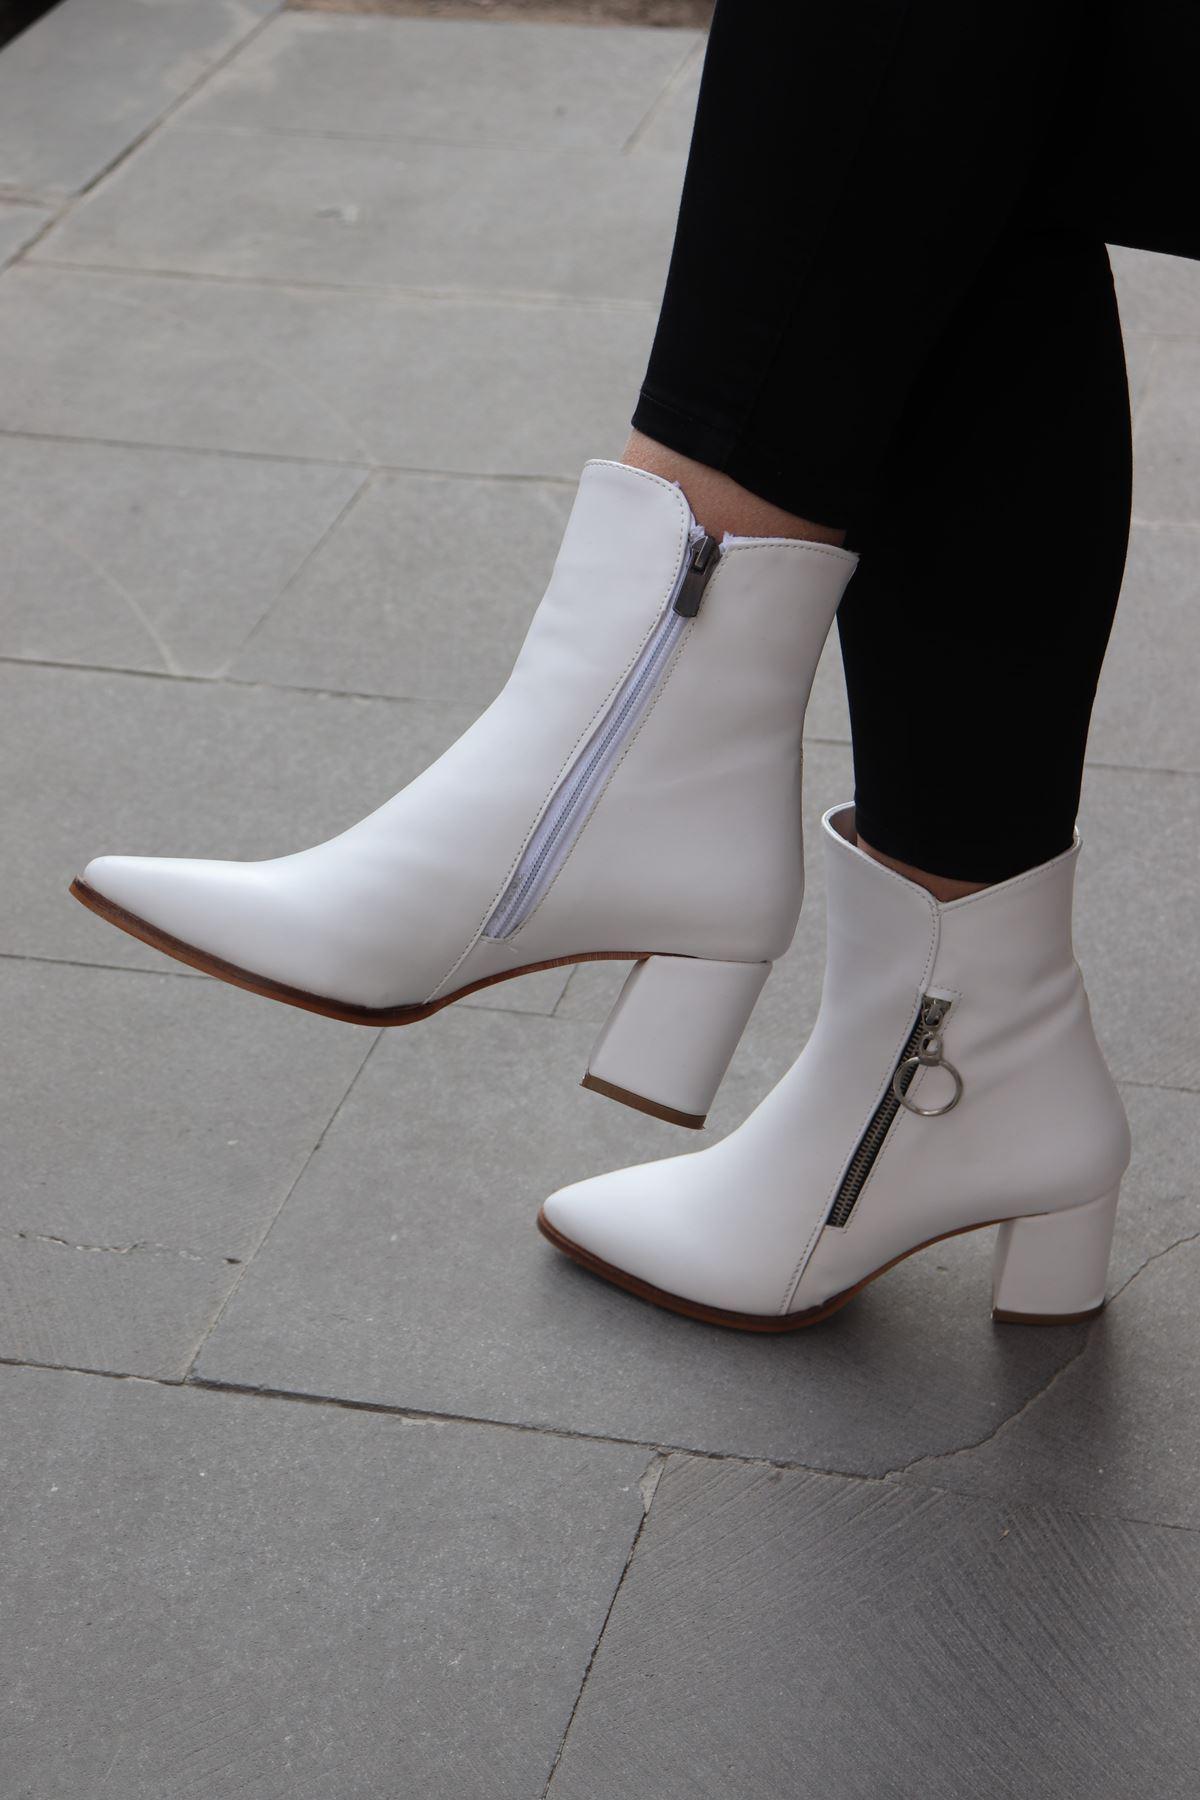 Trendayakkabı - Beyaz Yanı Fermuar Detaylı Kadın Bot